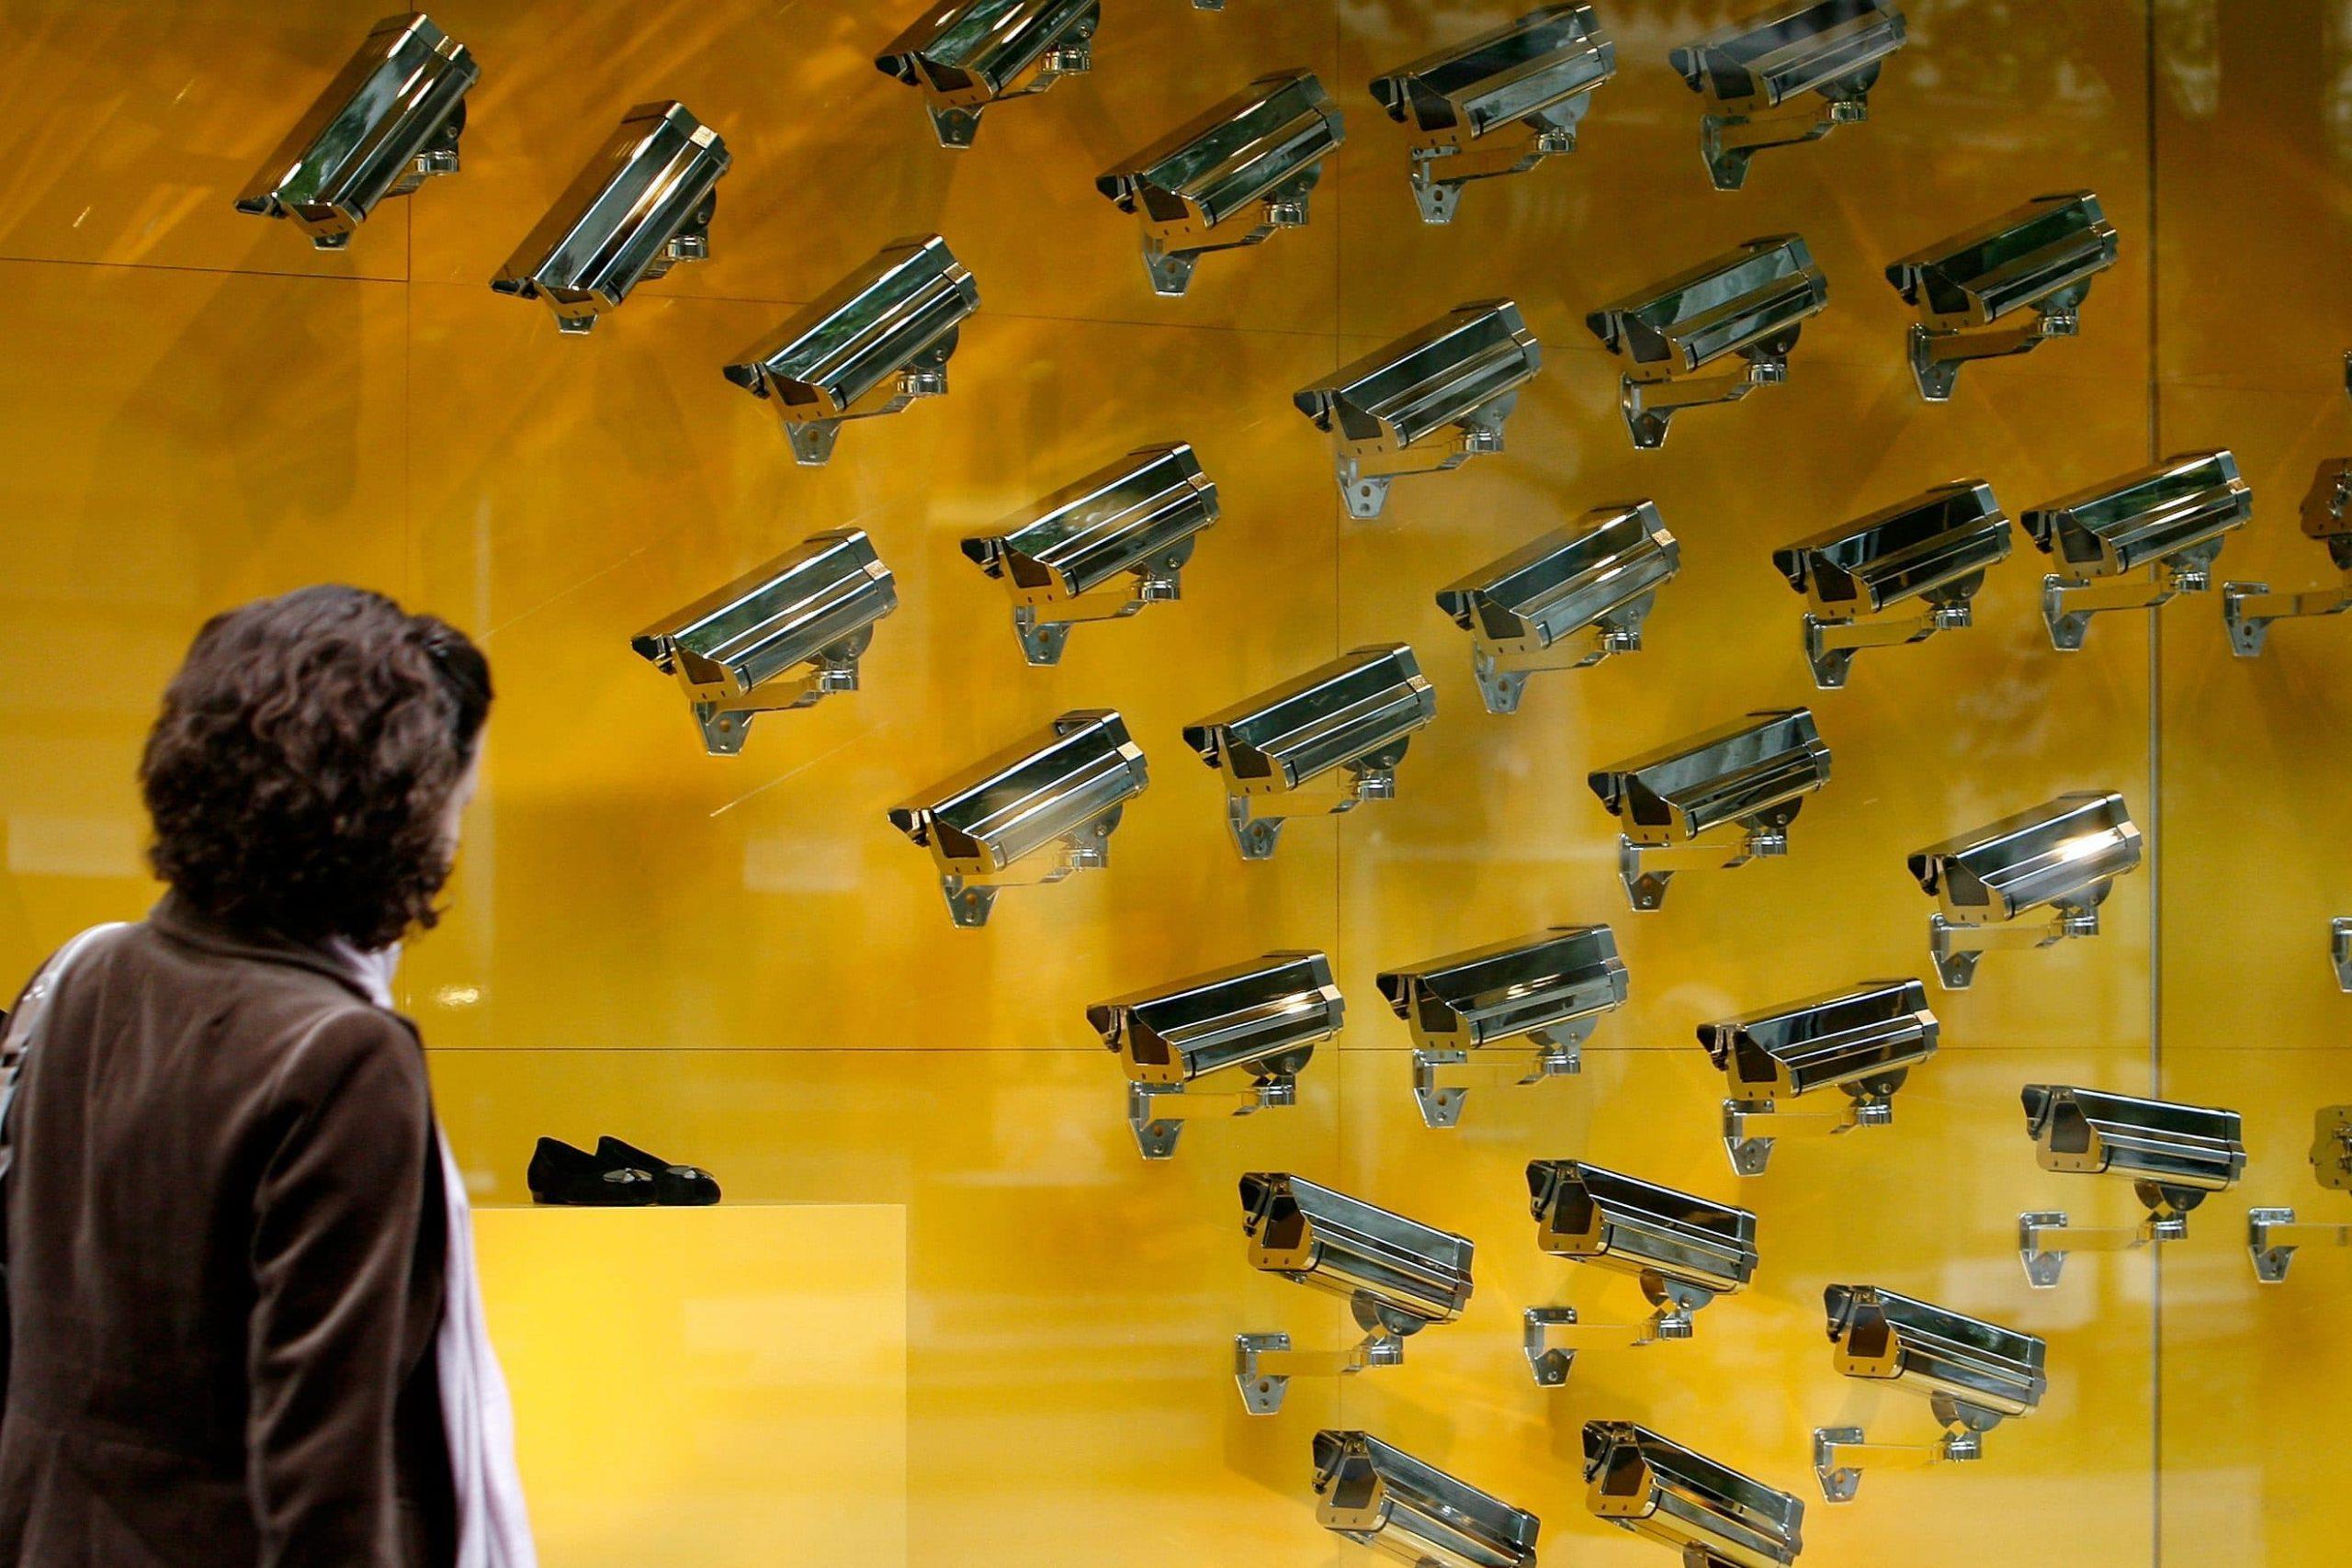 औरतों की आज़ादी पर होगा अब कैमरों का सर्विलांस